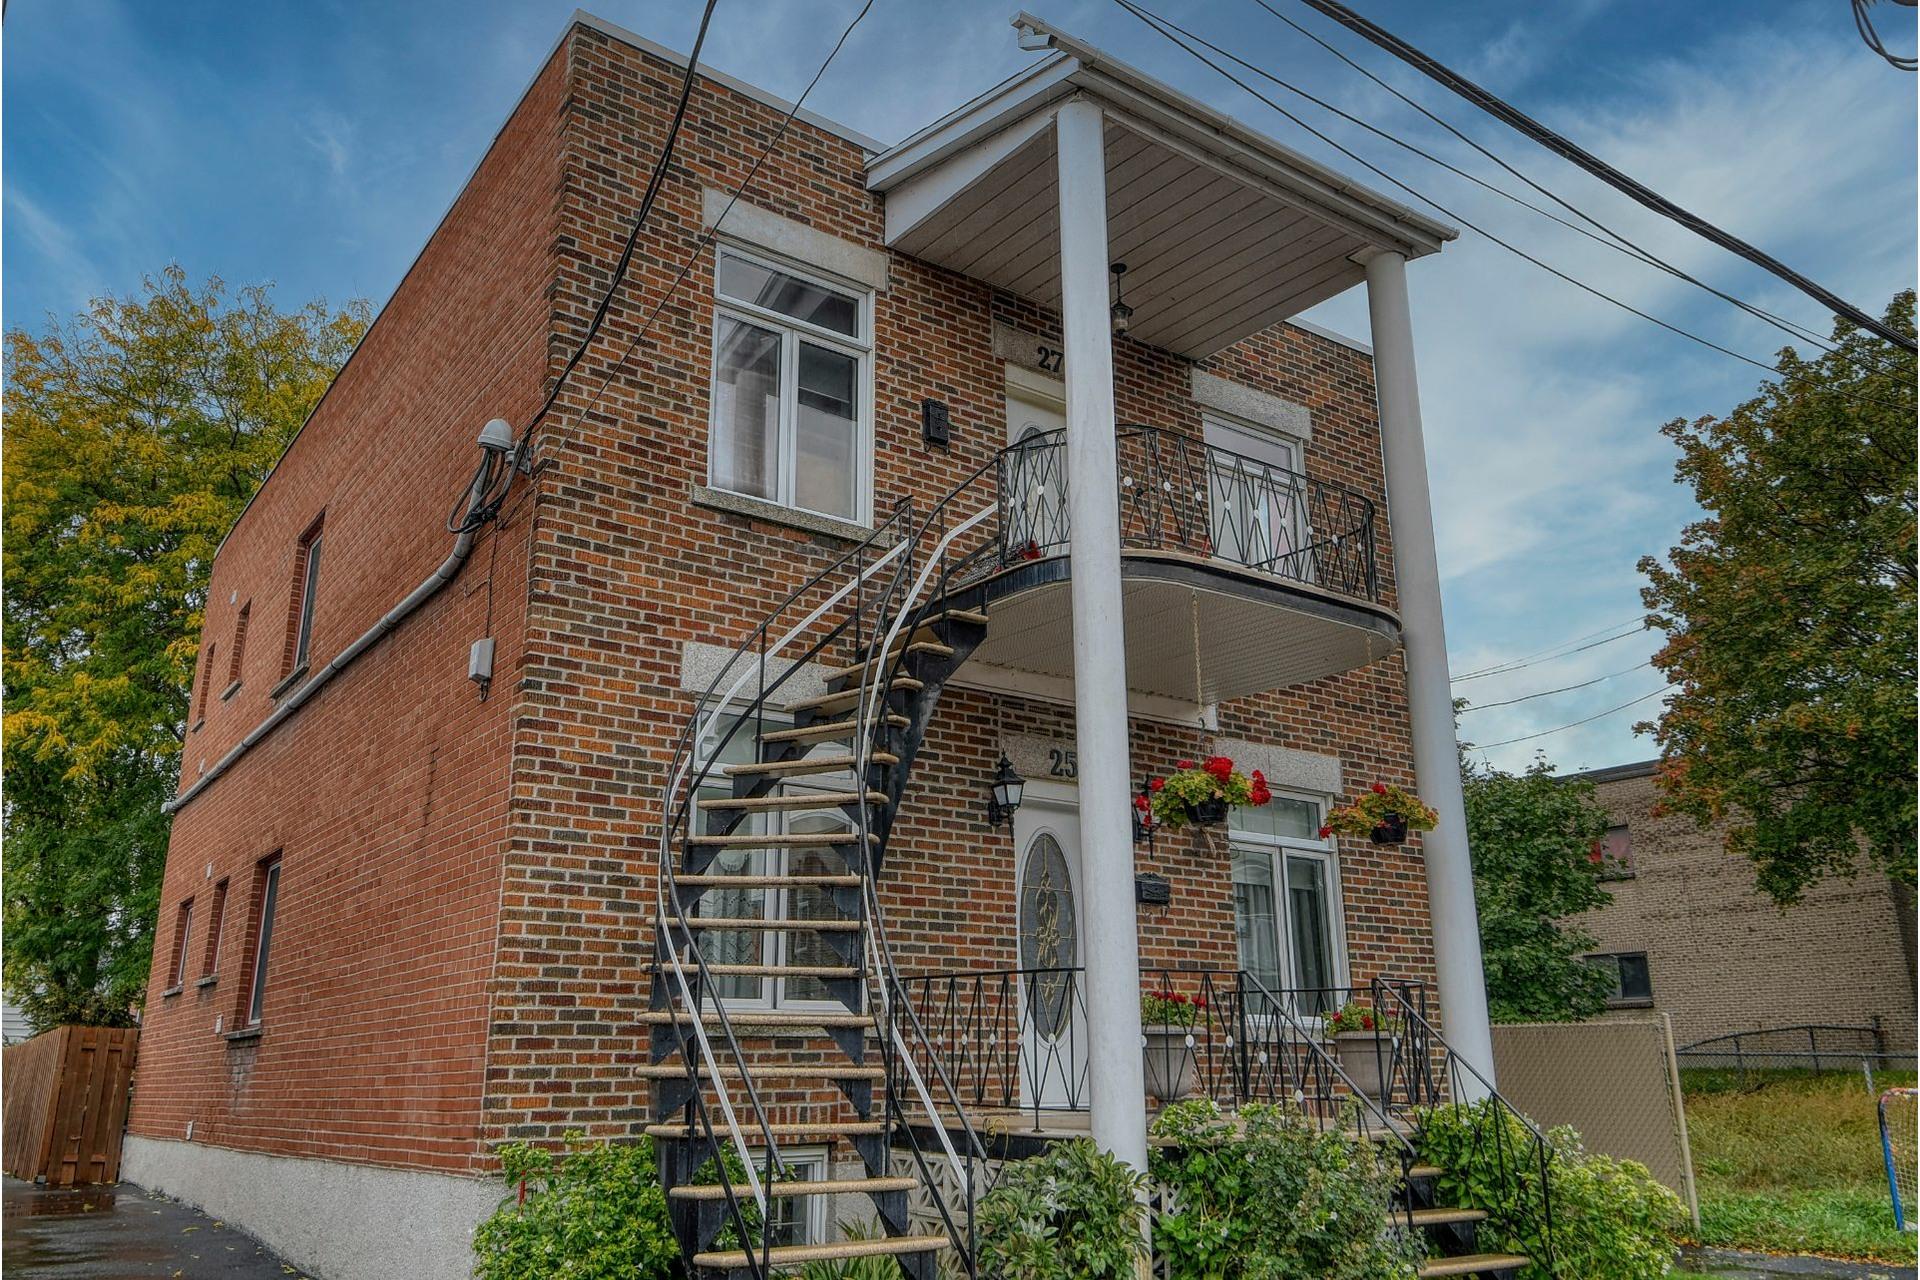 image 24 - Duplex For sale Lachine Montréal  - 7 rooms